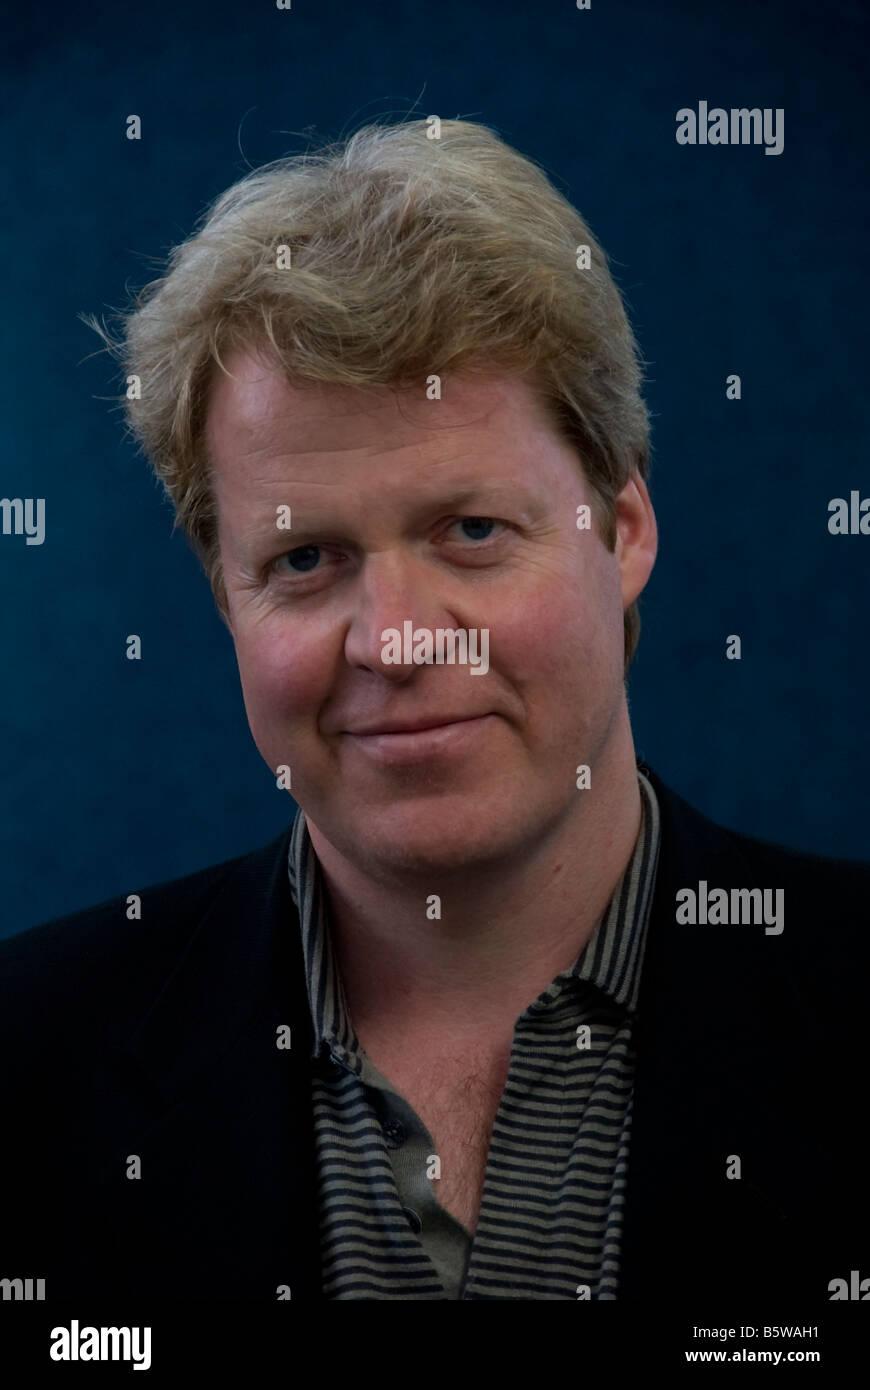 Charles Spencer at the 2007 Edinburgh Book Festival. UK - Stock Image